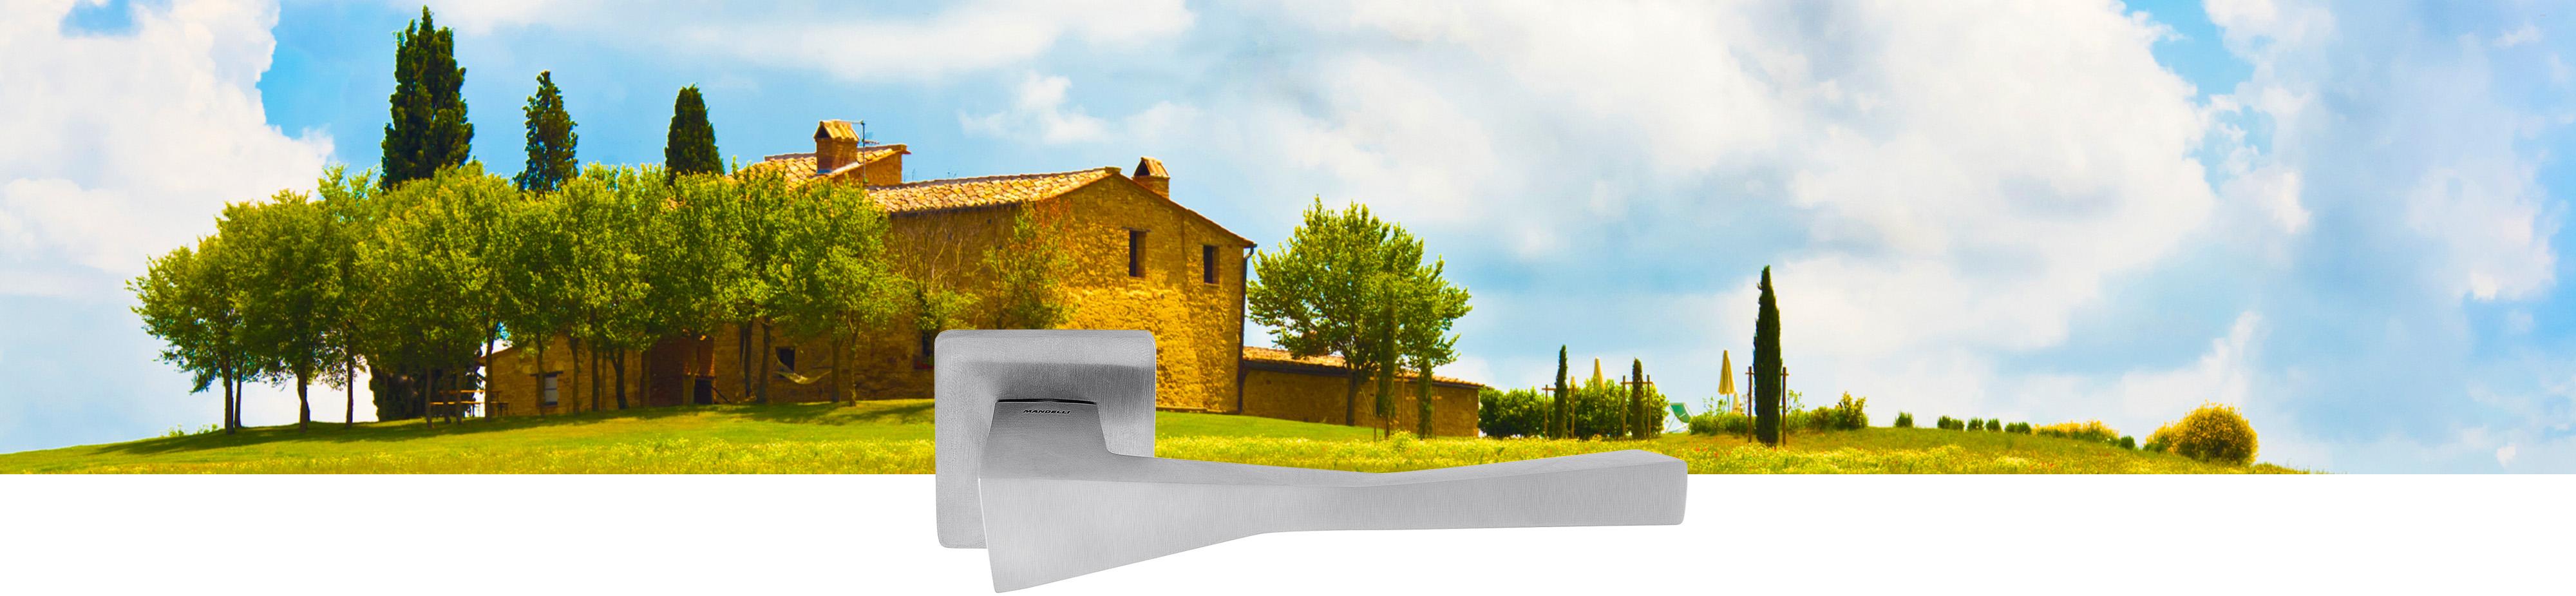 Sfeerafbeelding met Italiaanse cottage en deurkruk op rozet